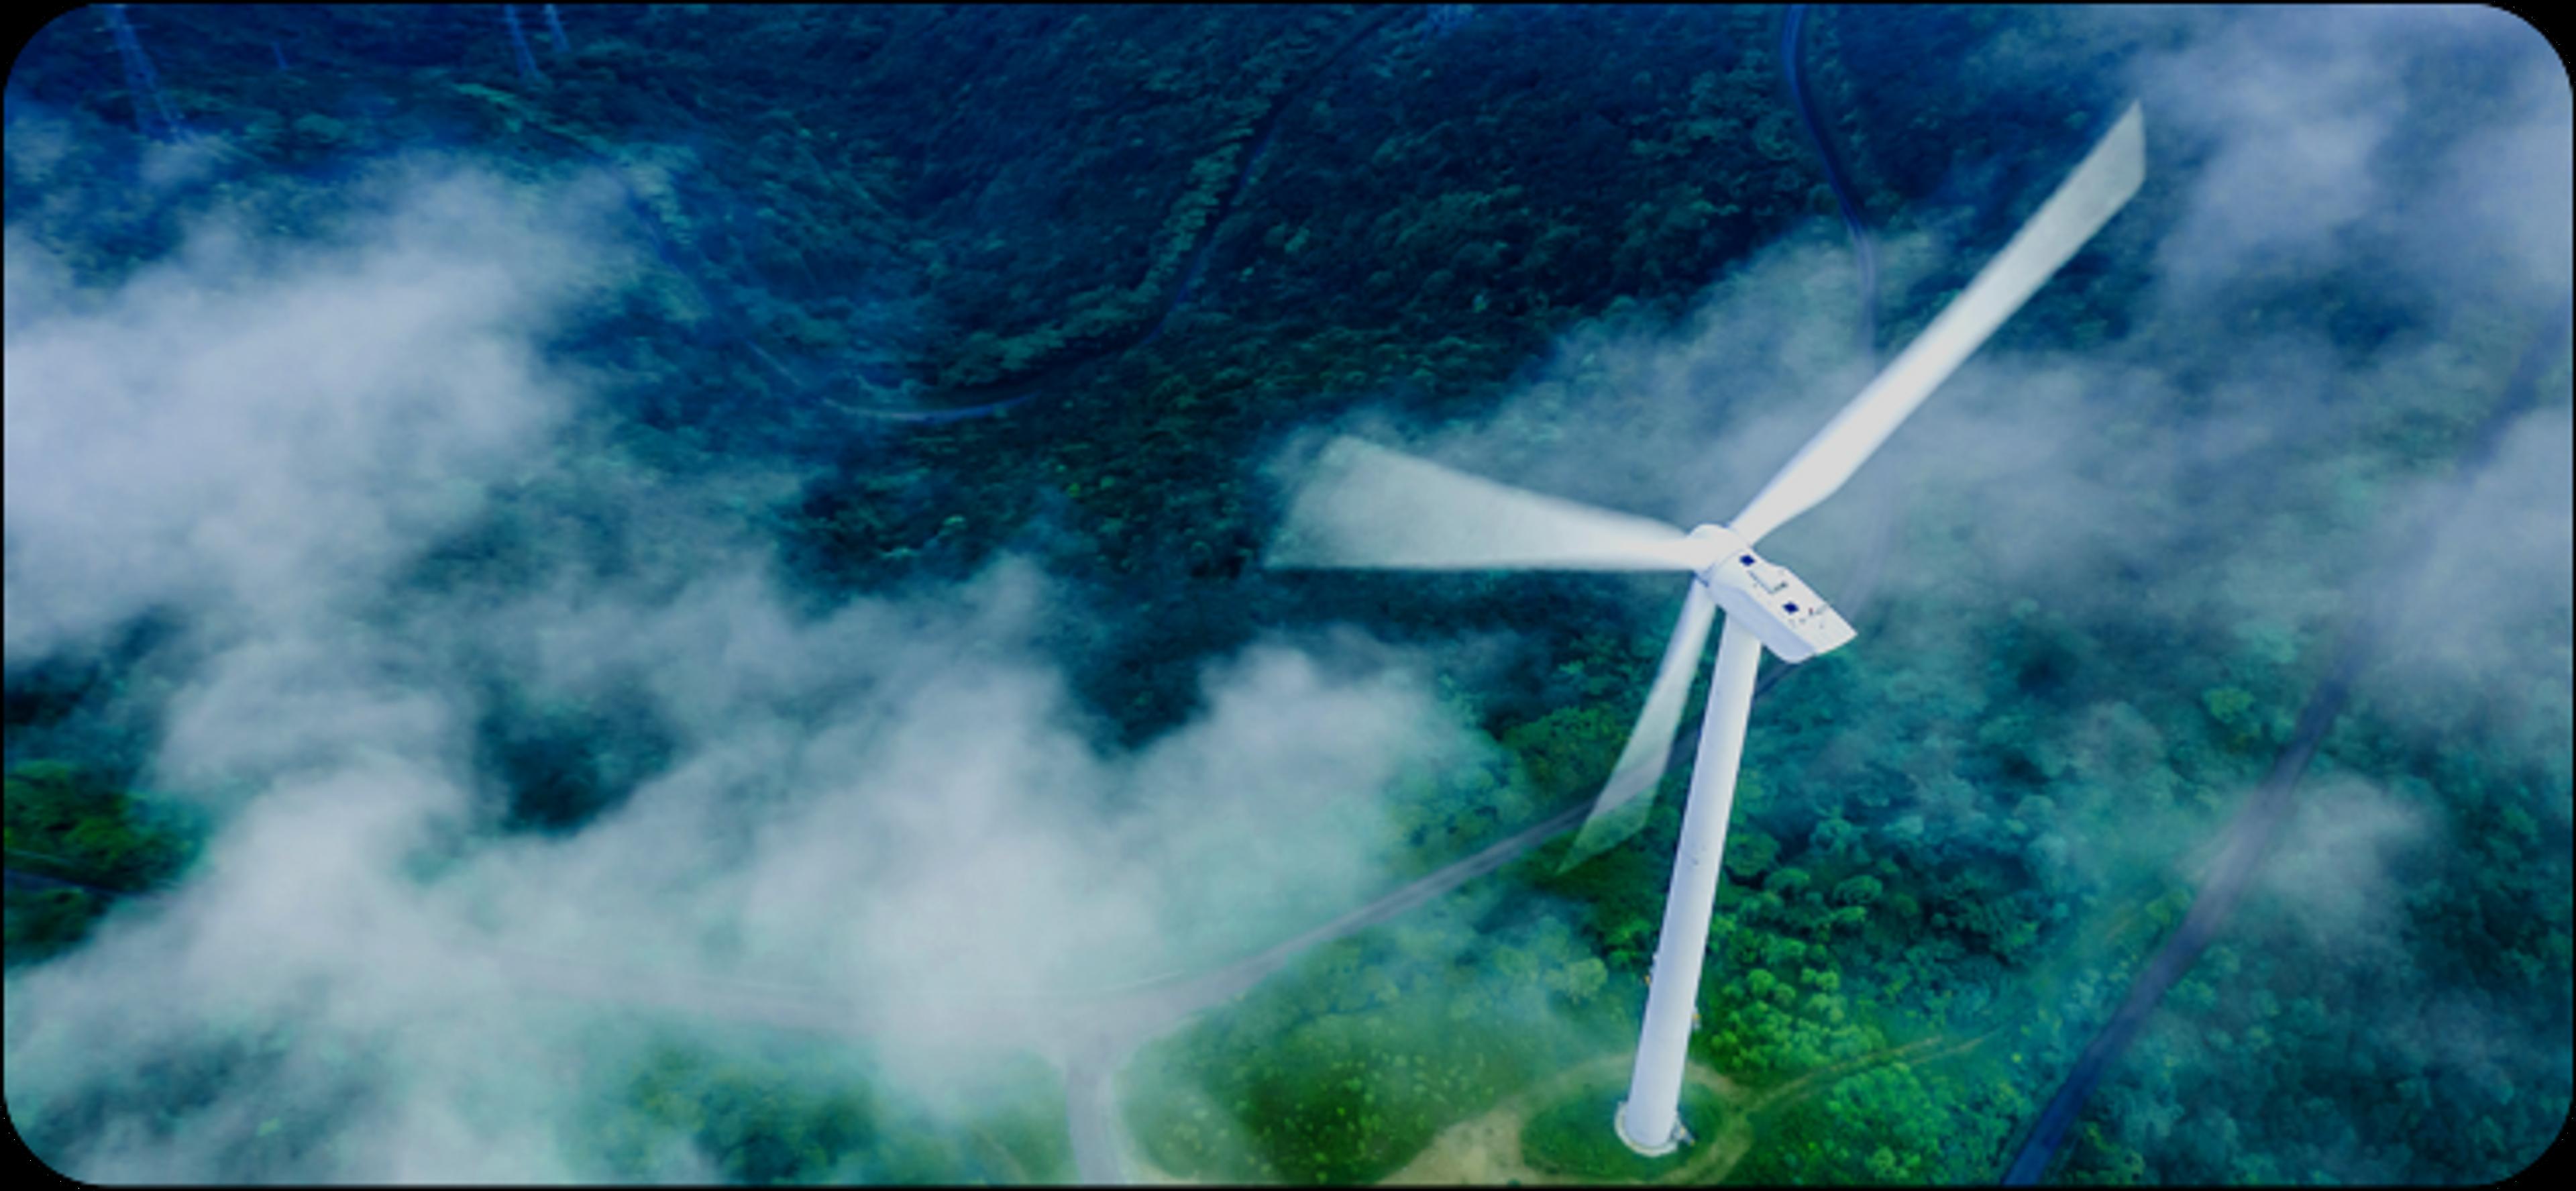 Vue aérienne d'éolienne dans une forêt nuageuse